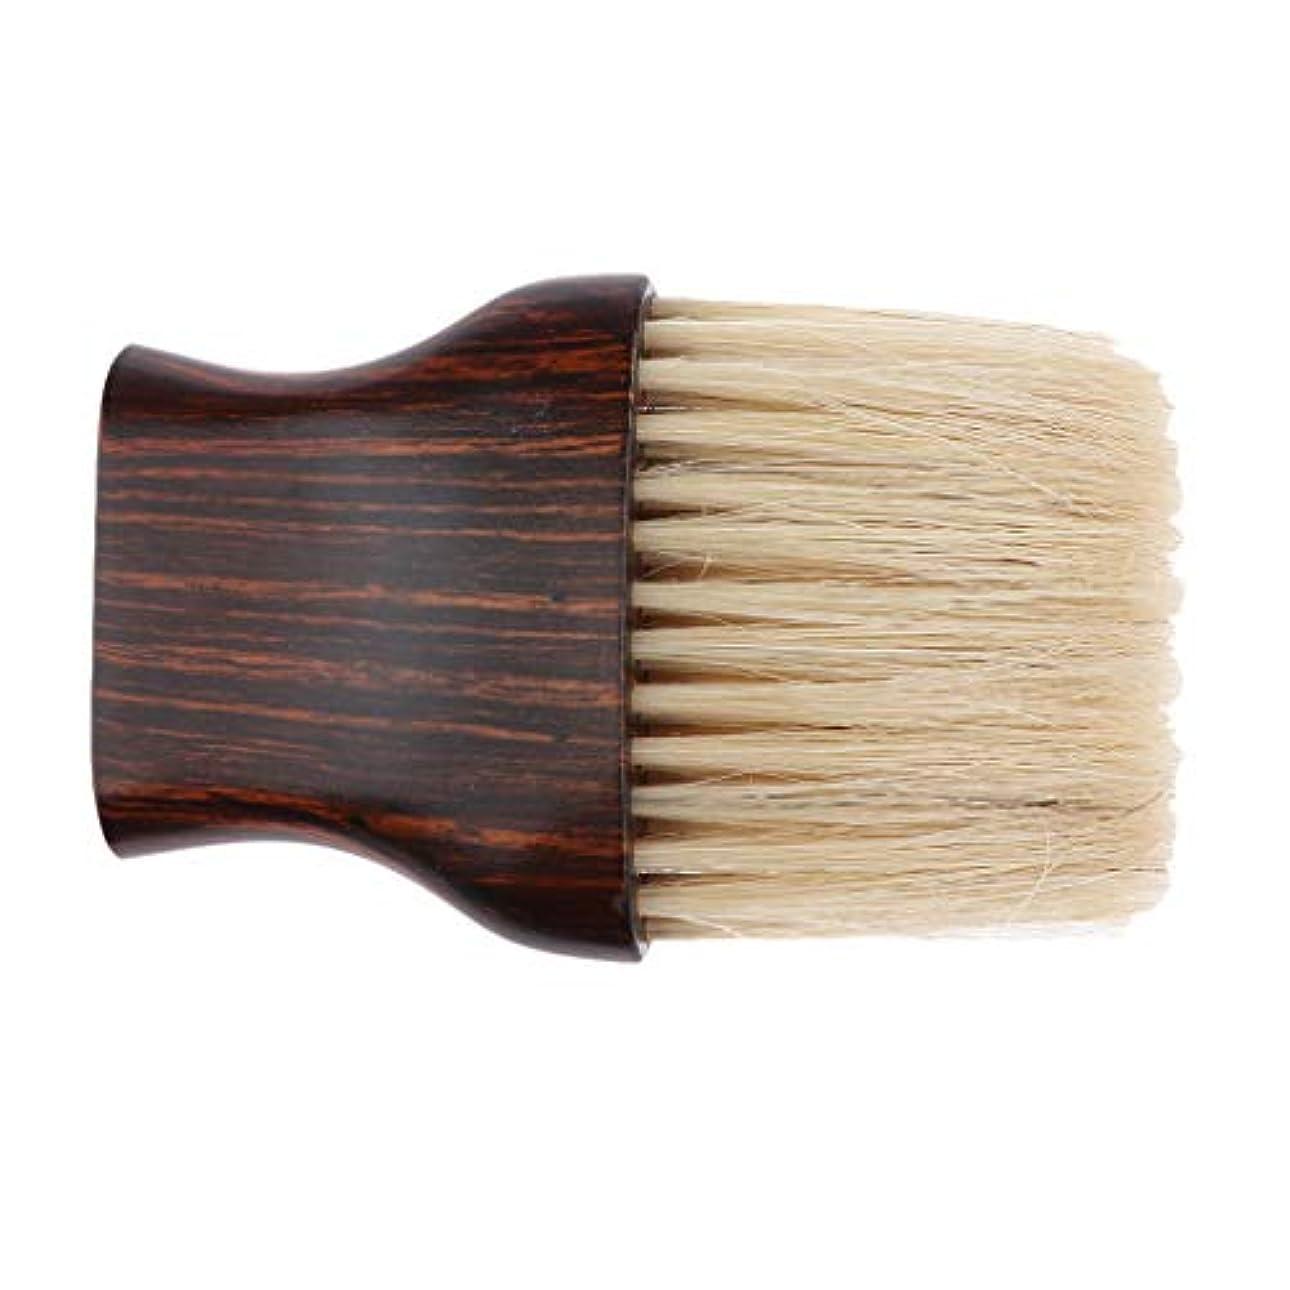 収まる偏心知人Perfeclan ヘアブラシ 毛払いブラシ 木製ハンドル 散髪 髪切り 散髪用ツール 理髪店 美容院 ソフトブラシ